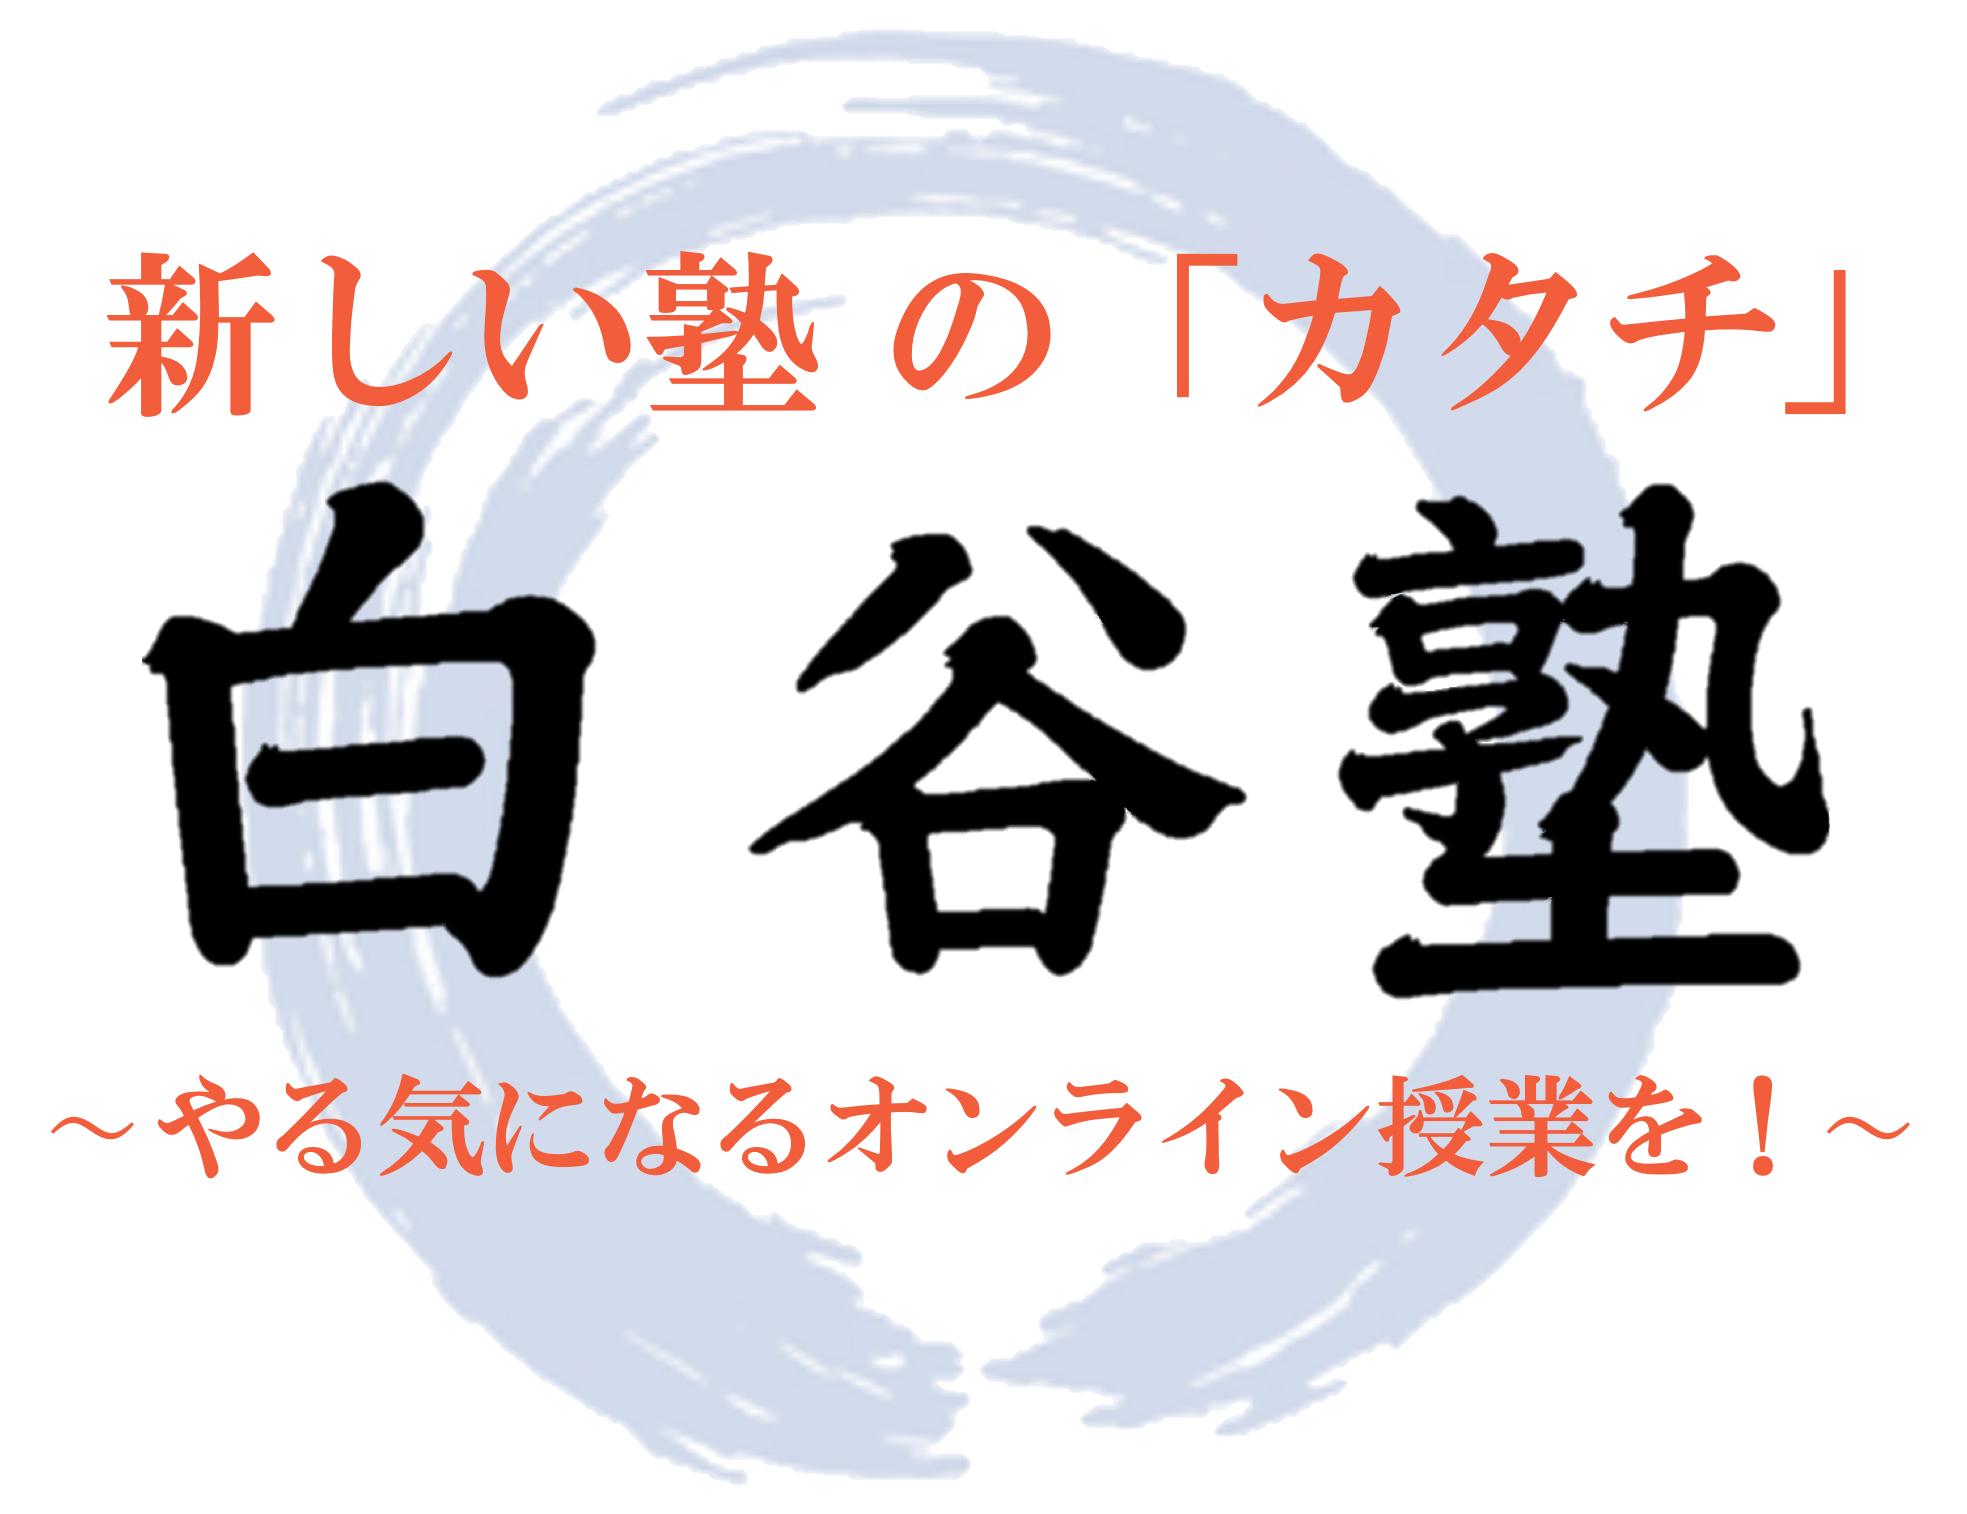 株式会社白谷塾